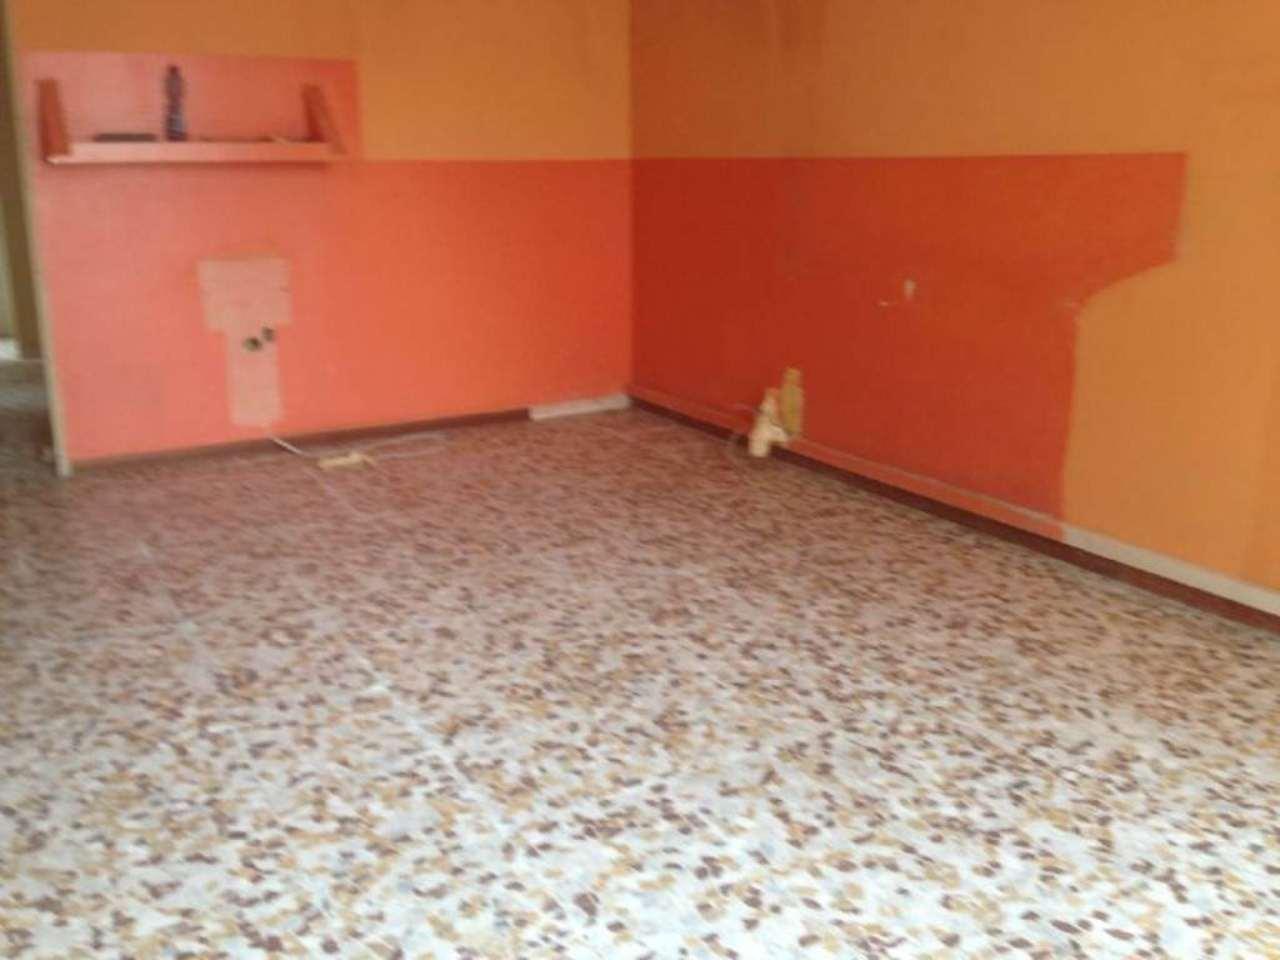 Negozio / Locale in affitto a Viadana, 2 locali, prezzo € 380 | Cambio Casa.it